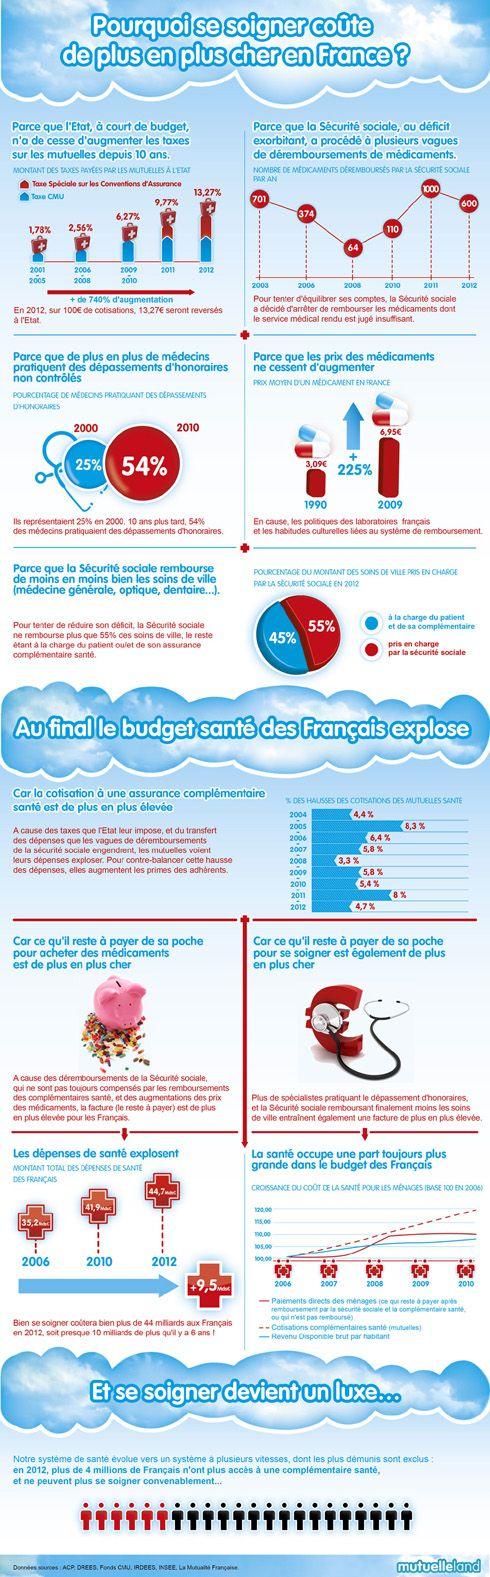 Infographie santé : les français renoncent de plus en plus à se soigner @Rémy TESTON.